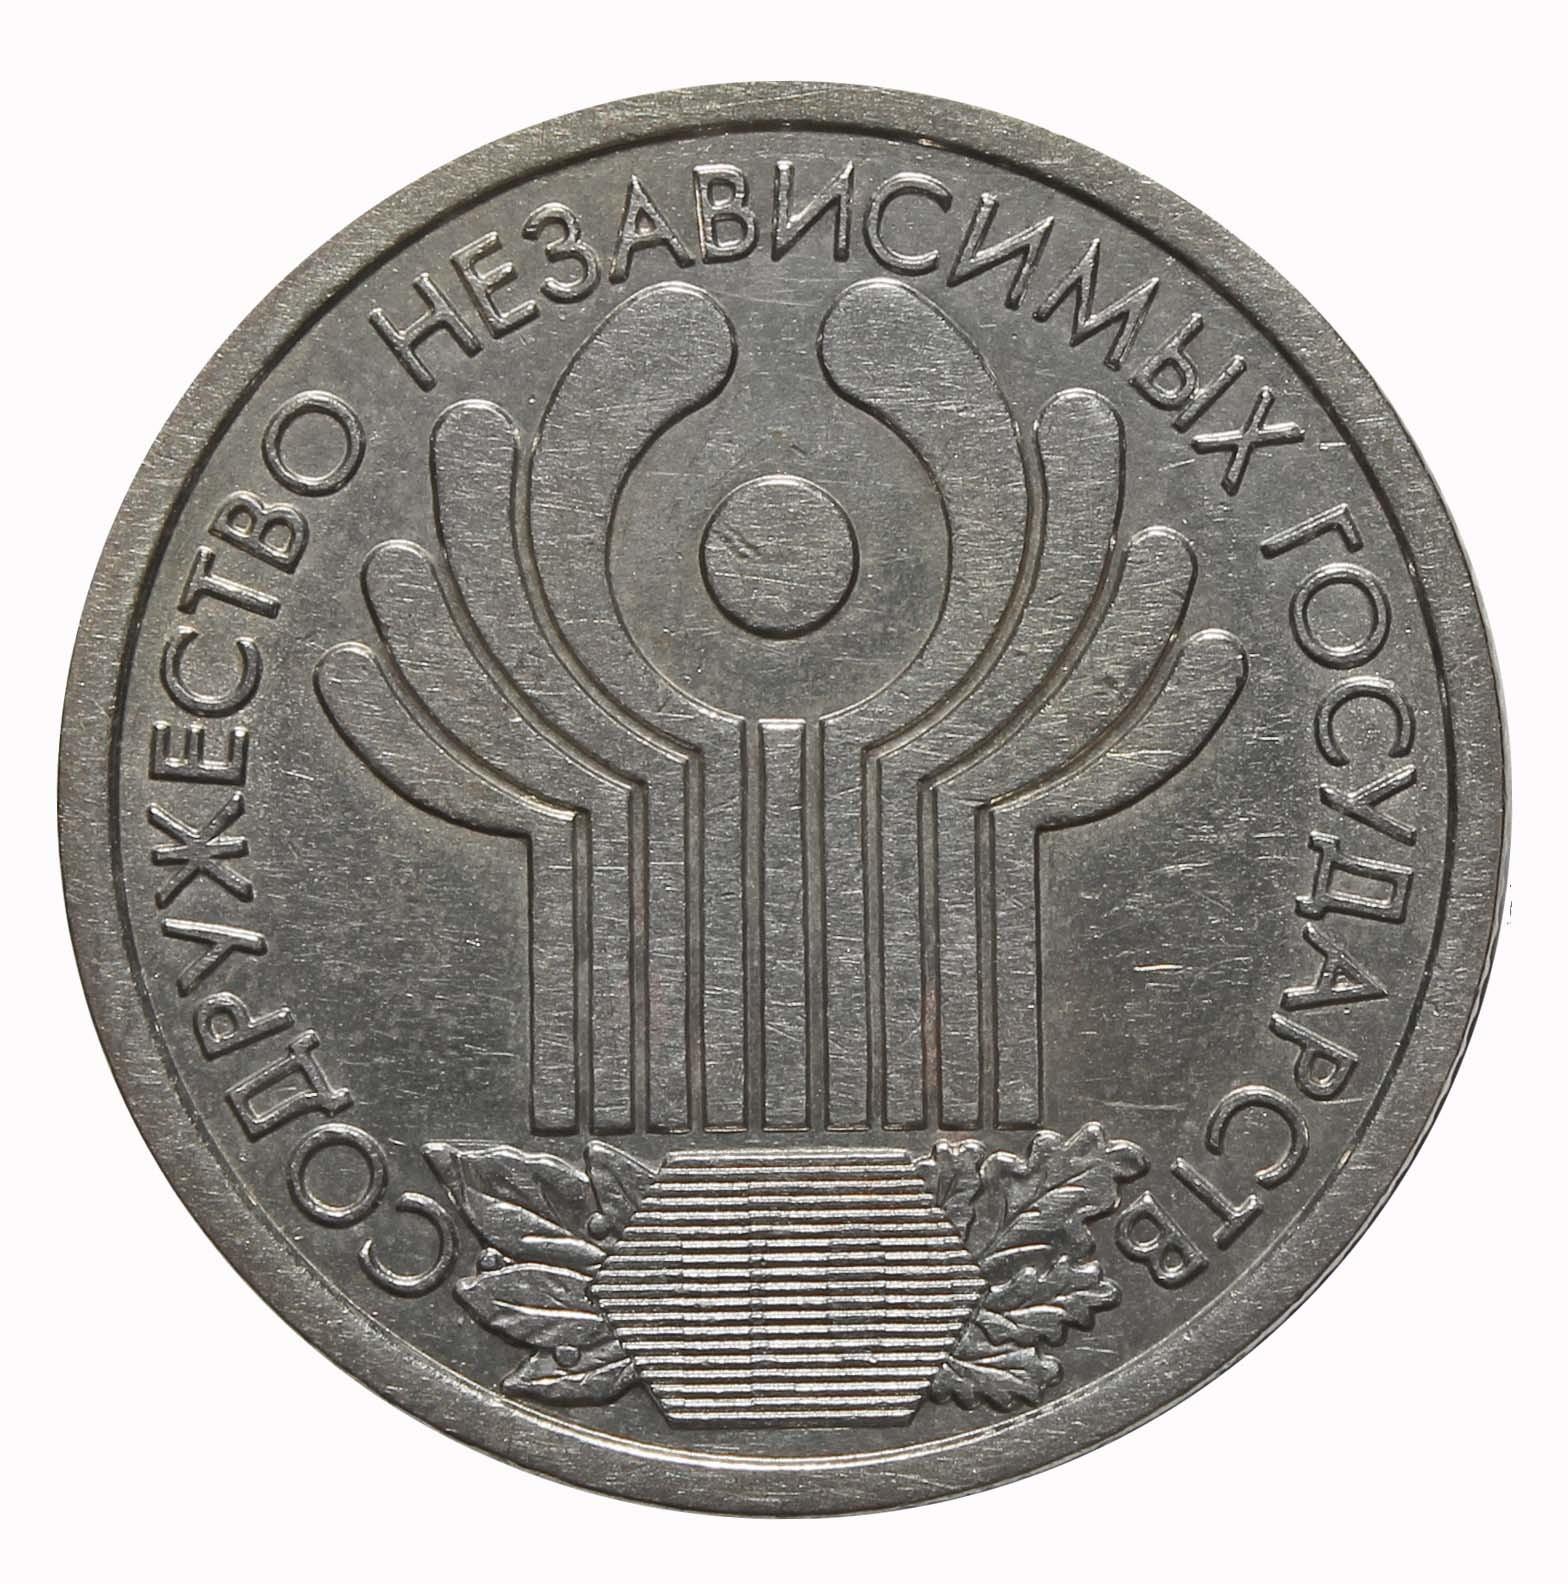 1 рубль 10 лет СНГ 2001 год